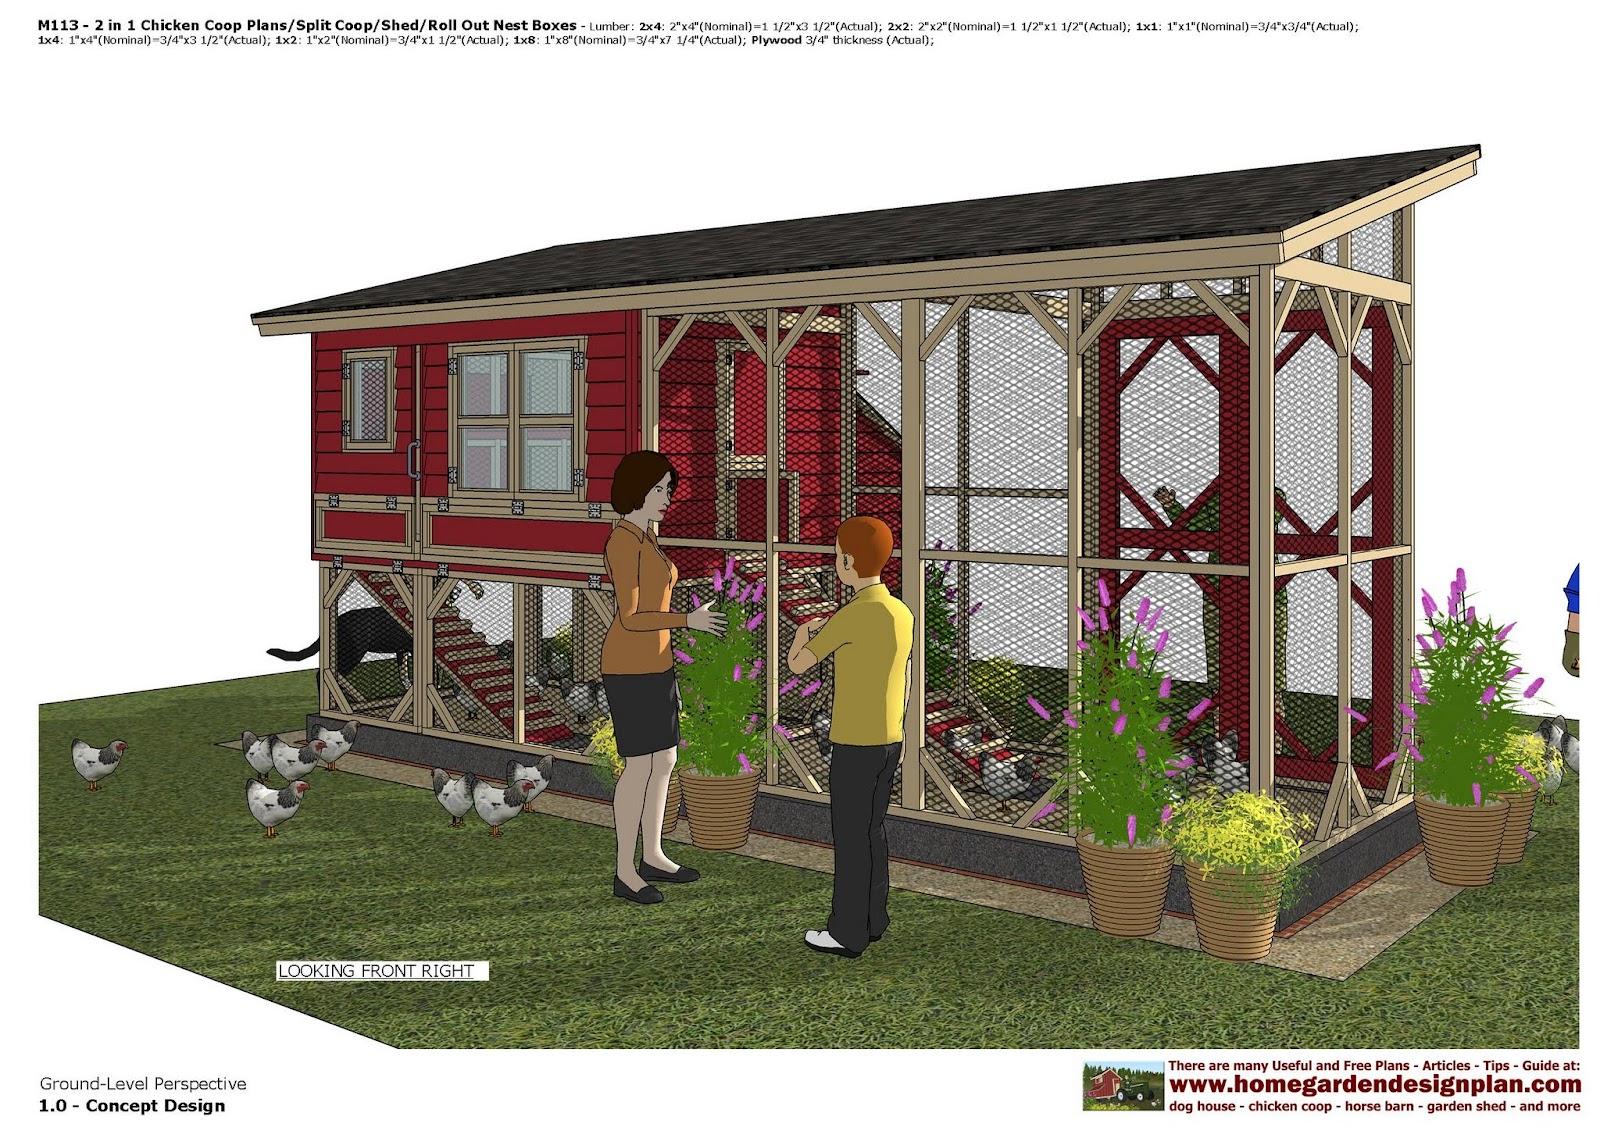 Garden Sheds 2 5 X 1 5 home garden plans: m113 _ 2 in 1 chicken coop plans - split